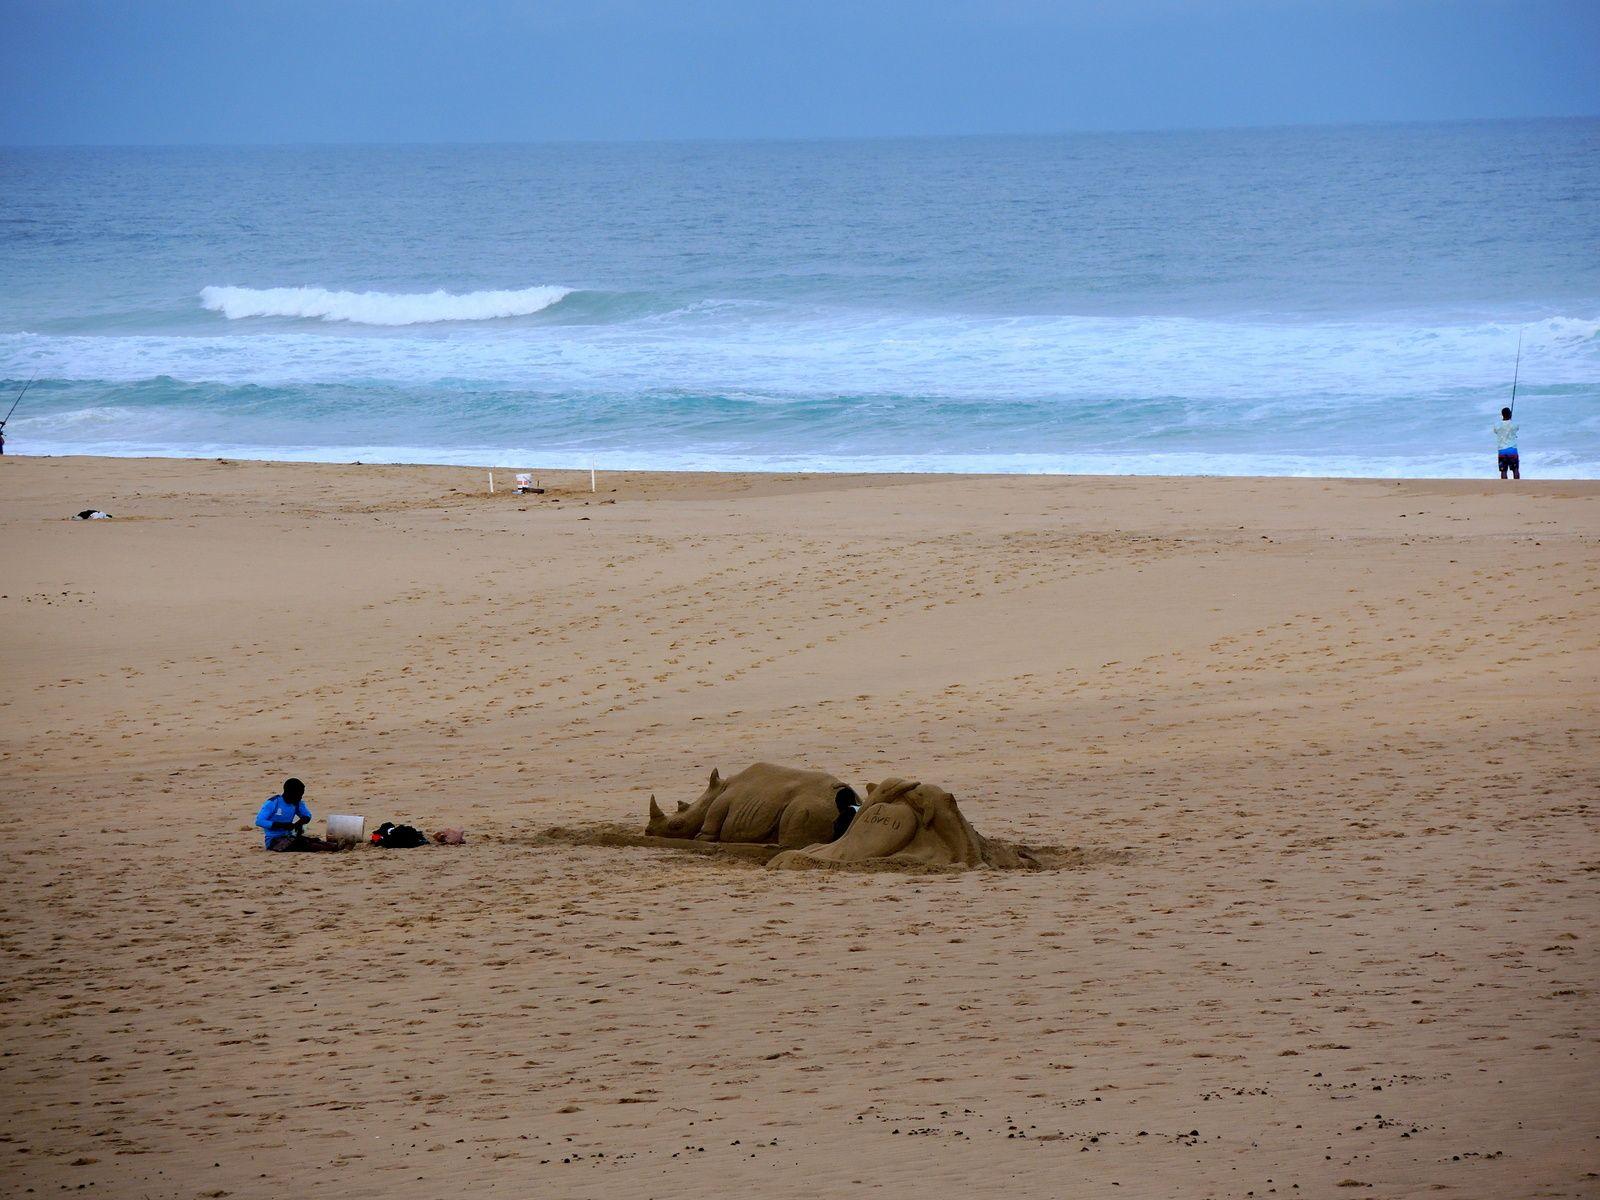 Un artiste qui faisait de superbes sculptures sur sable